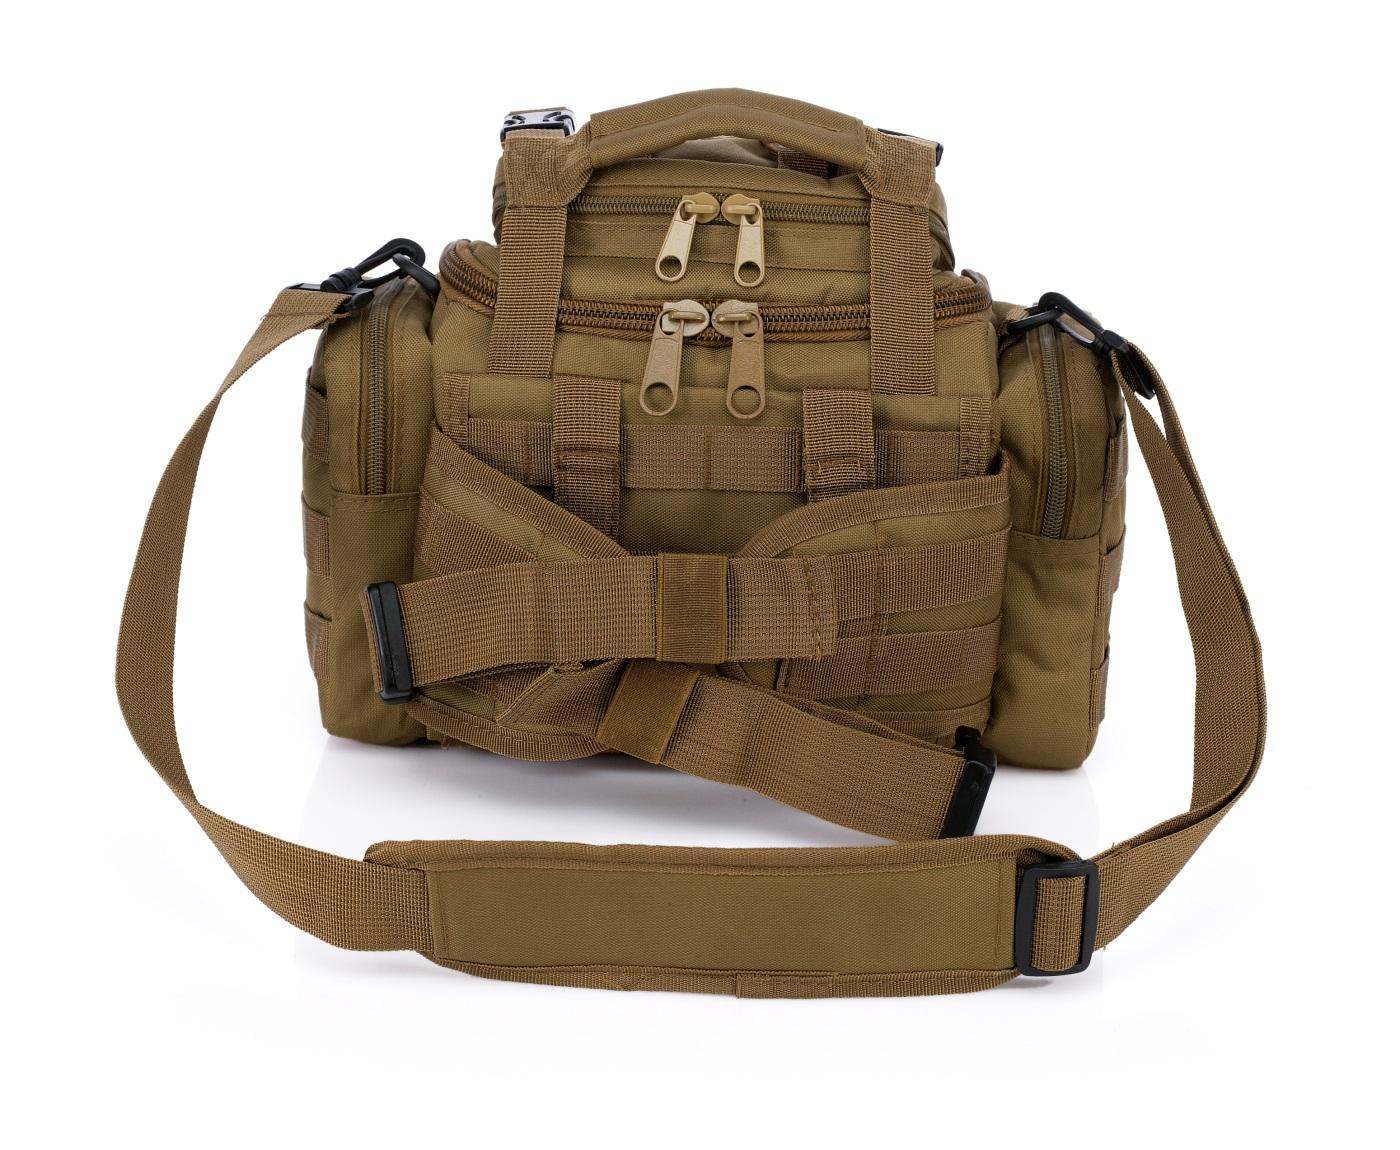 Поясная мужская сумка MOLLE под камеру оптом и в розницу